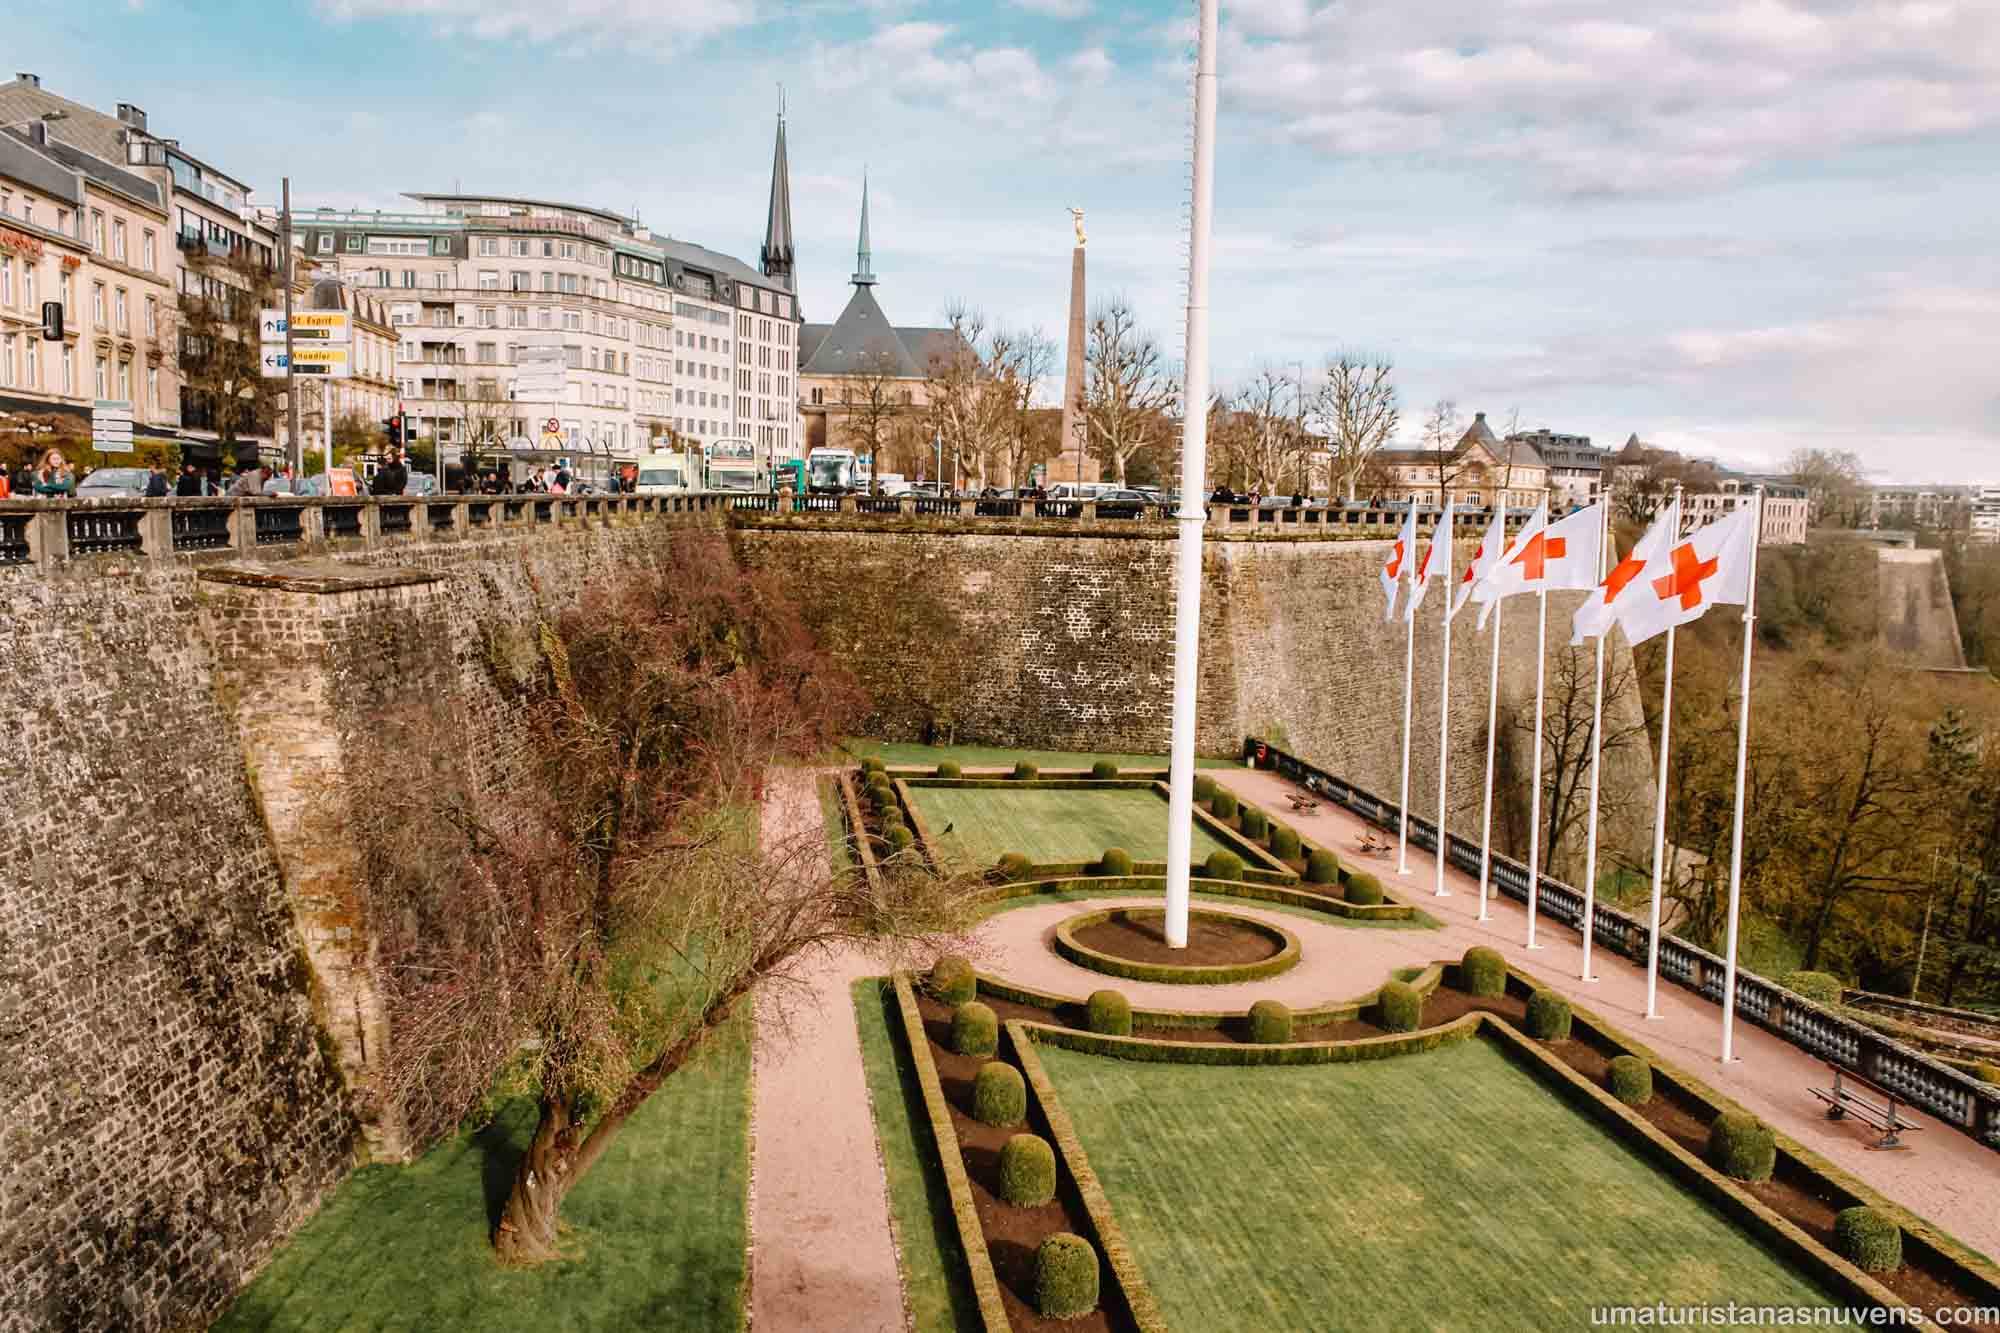 O melhor de Luxemburgo em 1 dia - o que fazer - Praça da Constituição